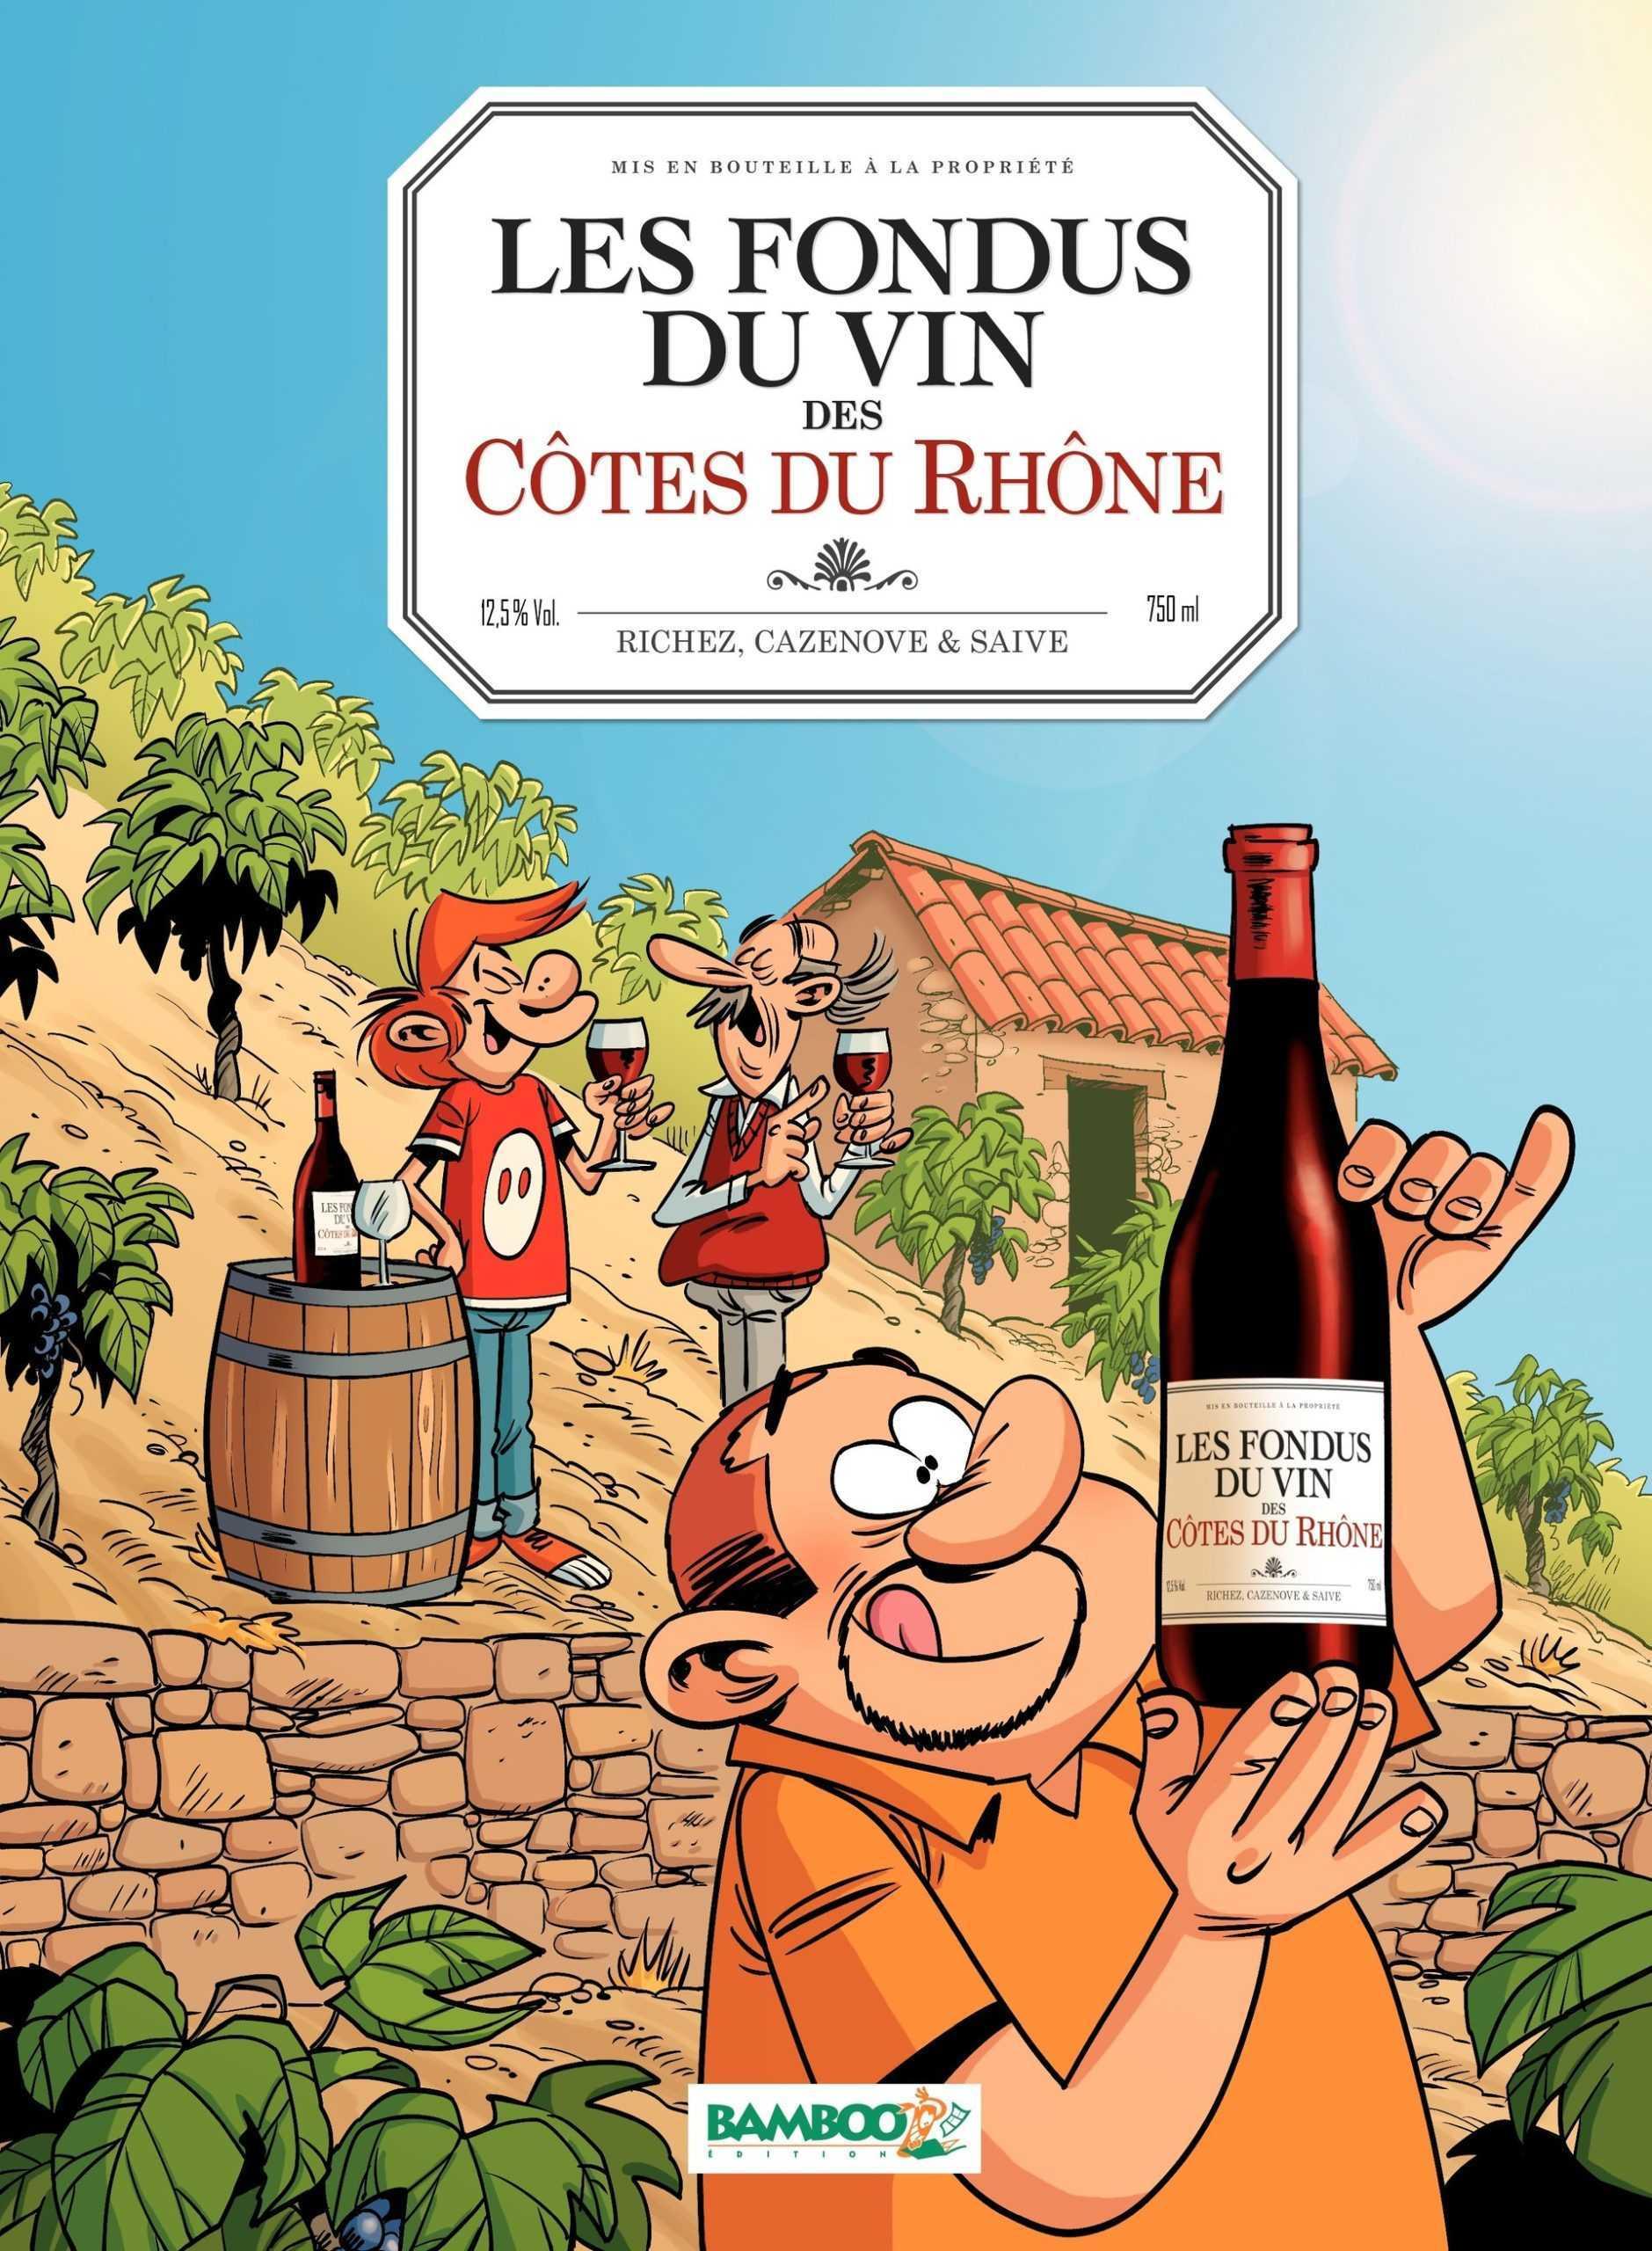 Les Fondus du vin, place aux Côtes du Rhône